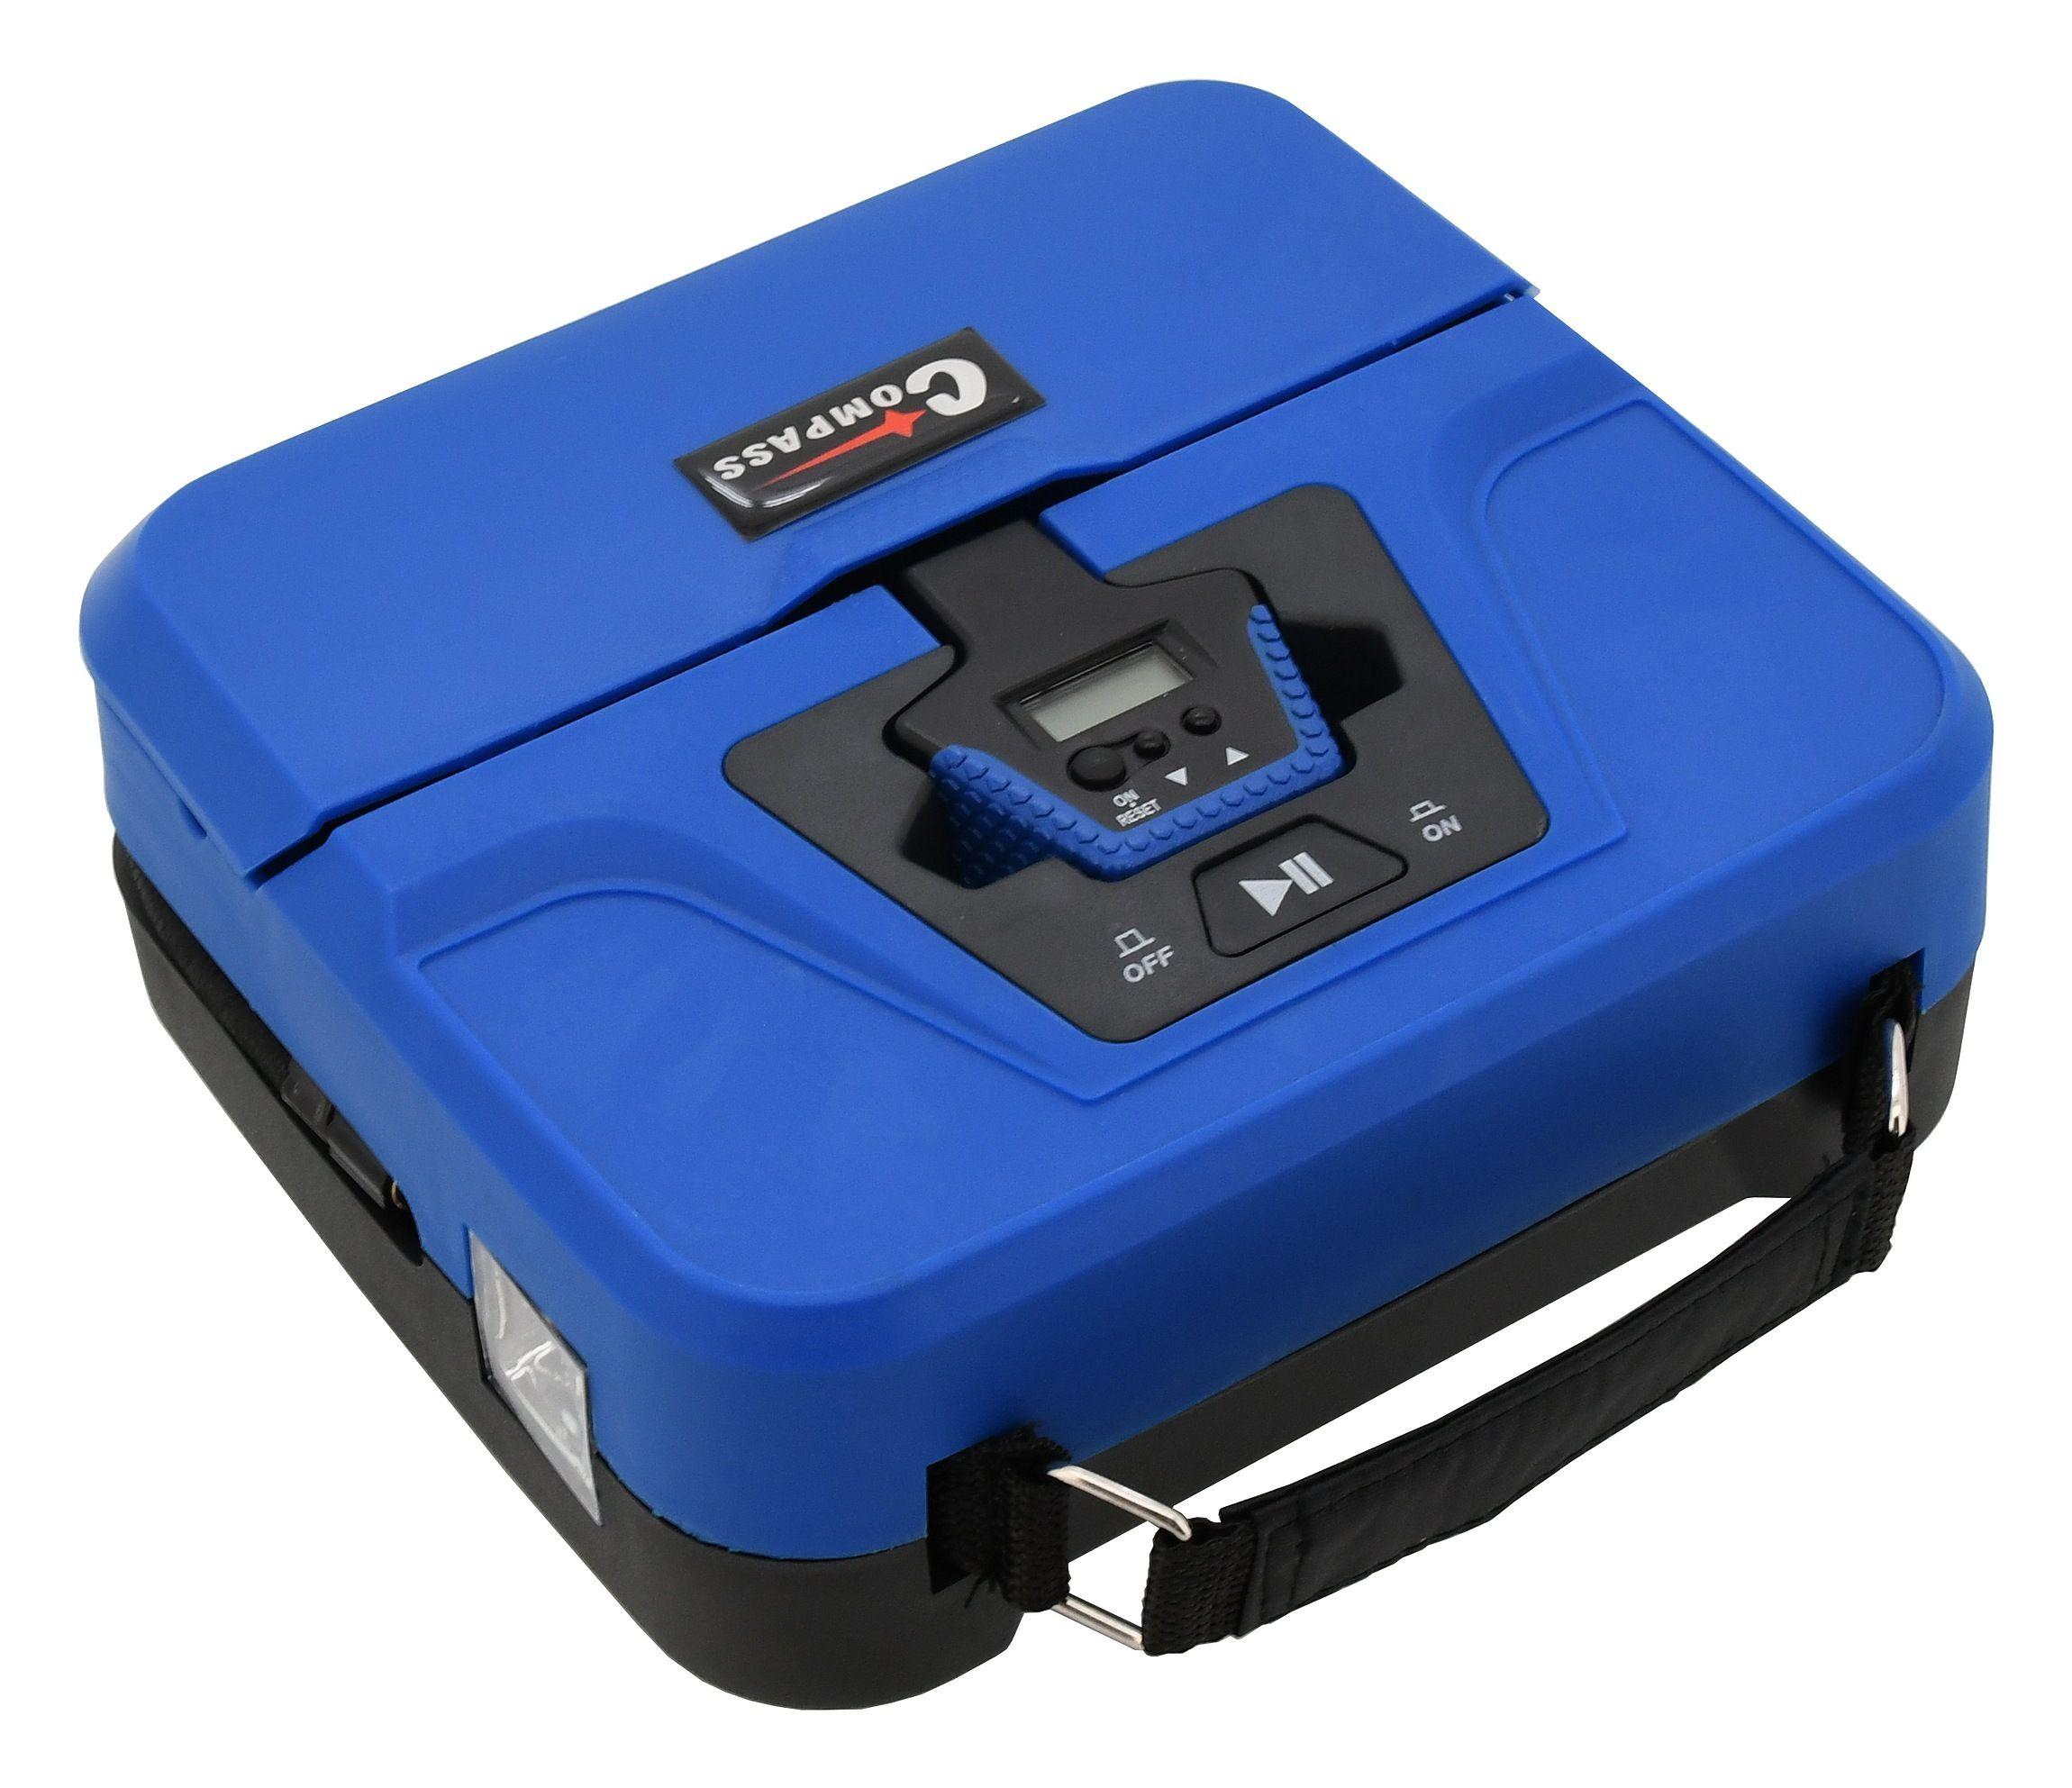 Kompresor 12V BOX digitální 3in1, COMPASS